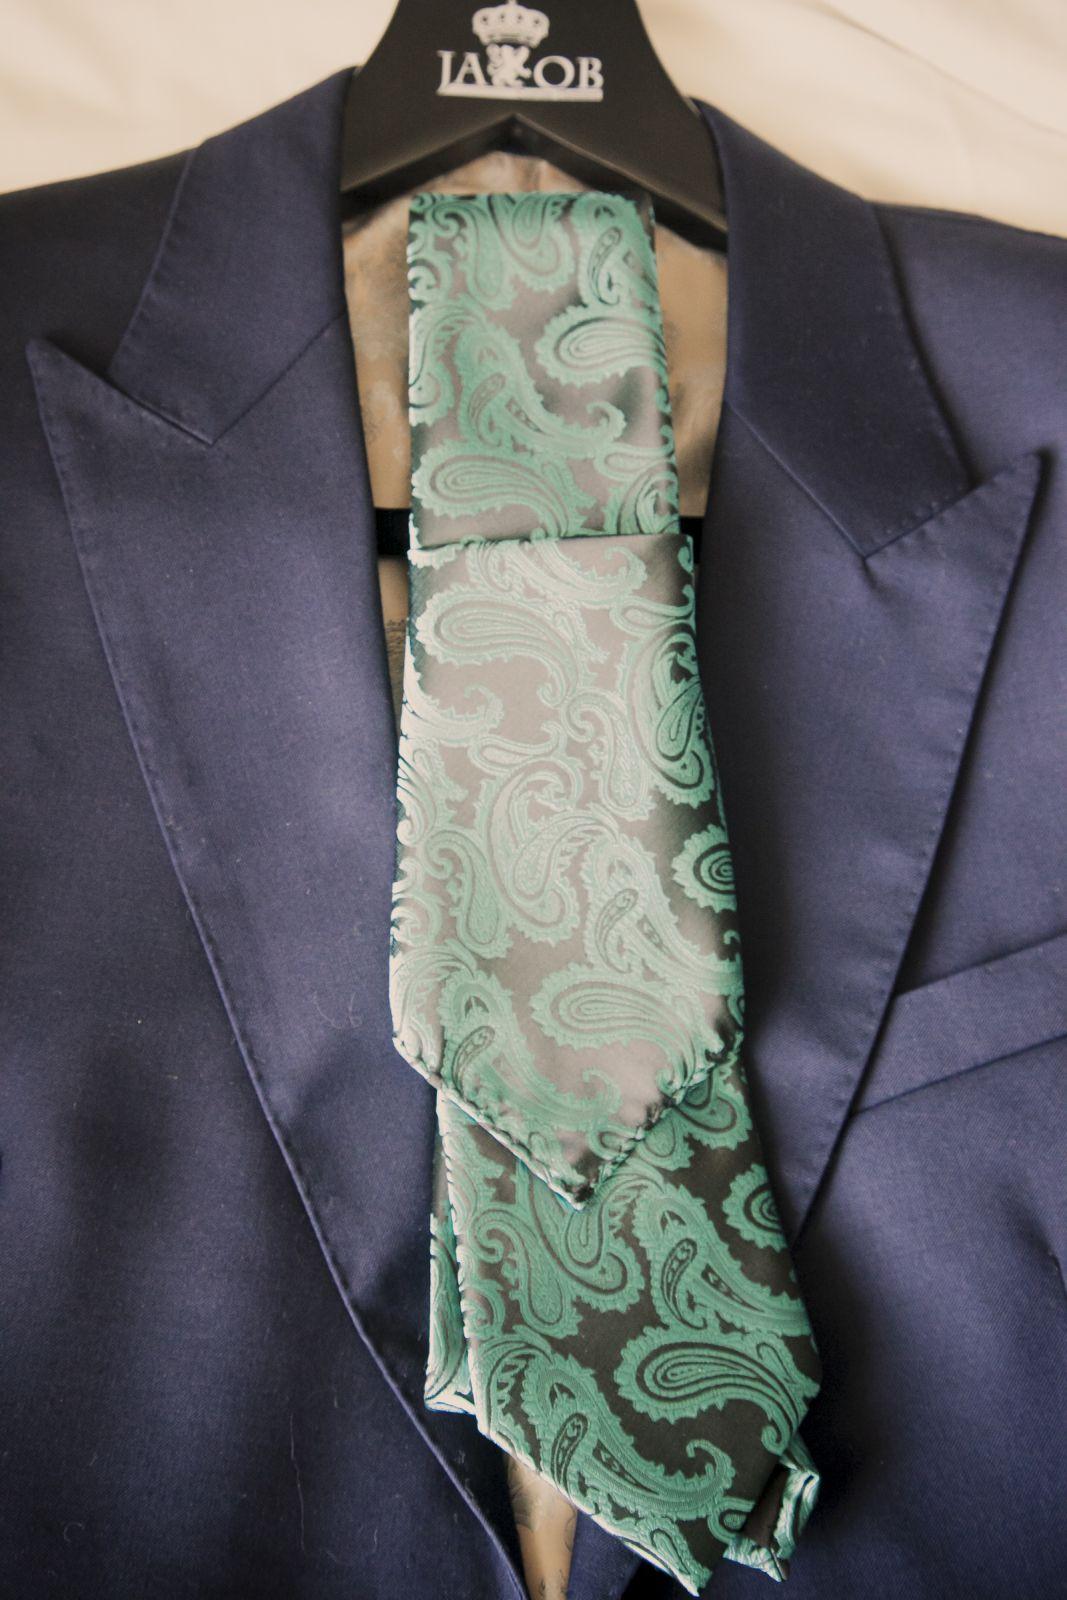 The groomsmen's suit and ties